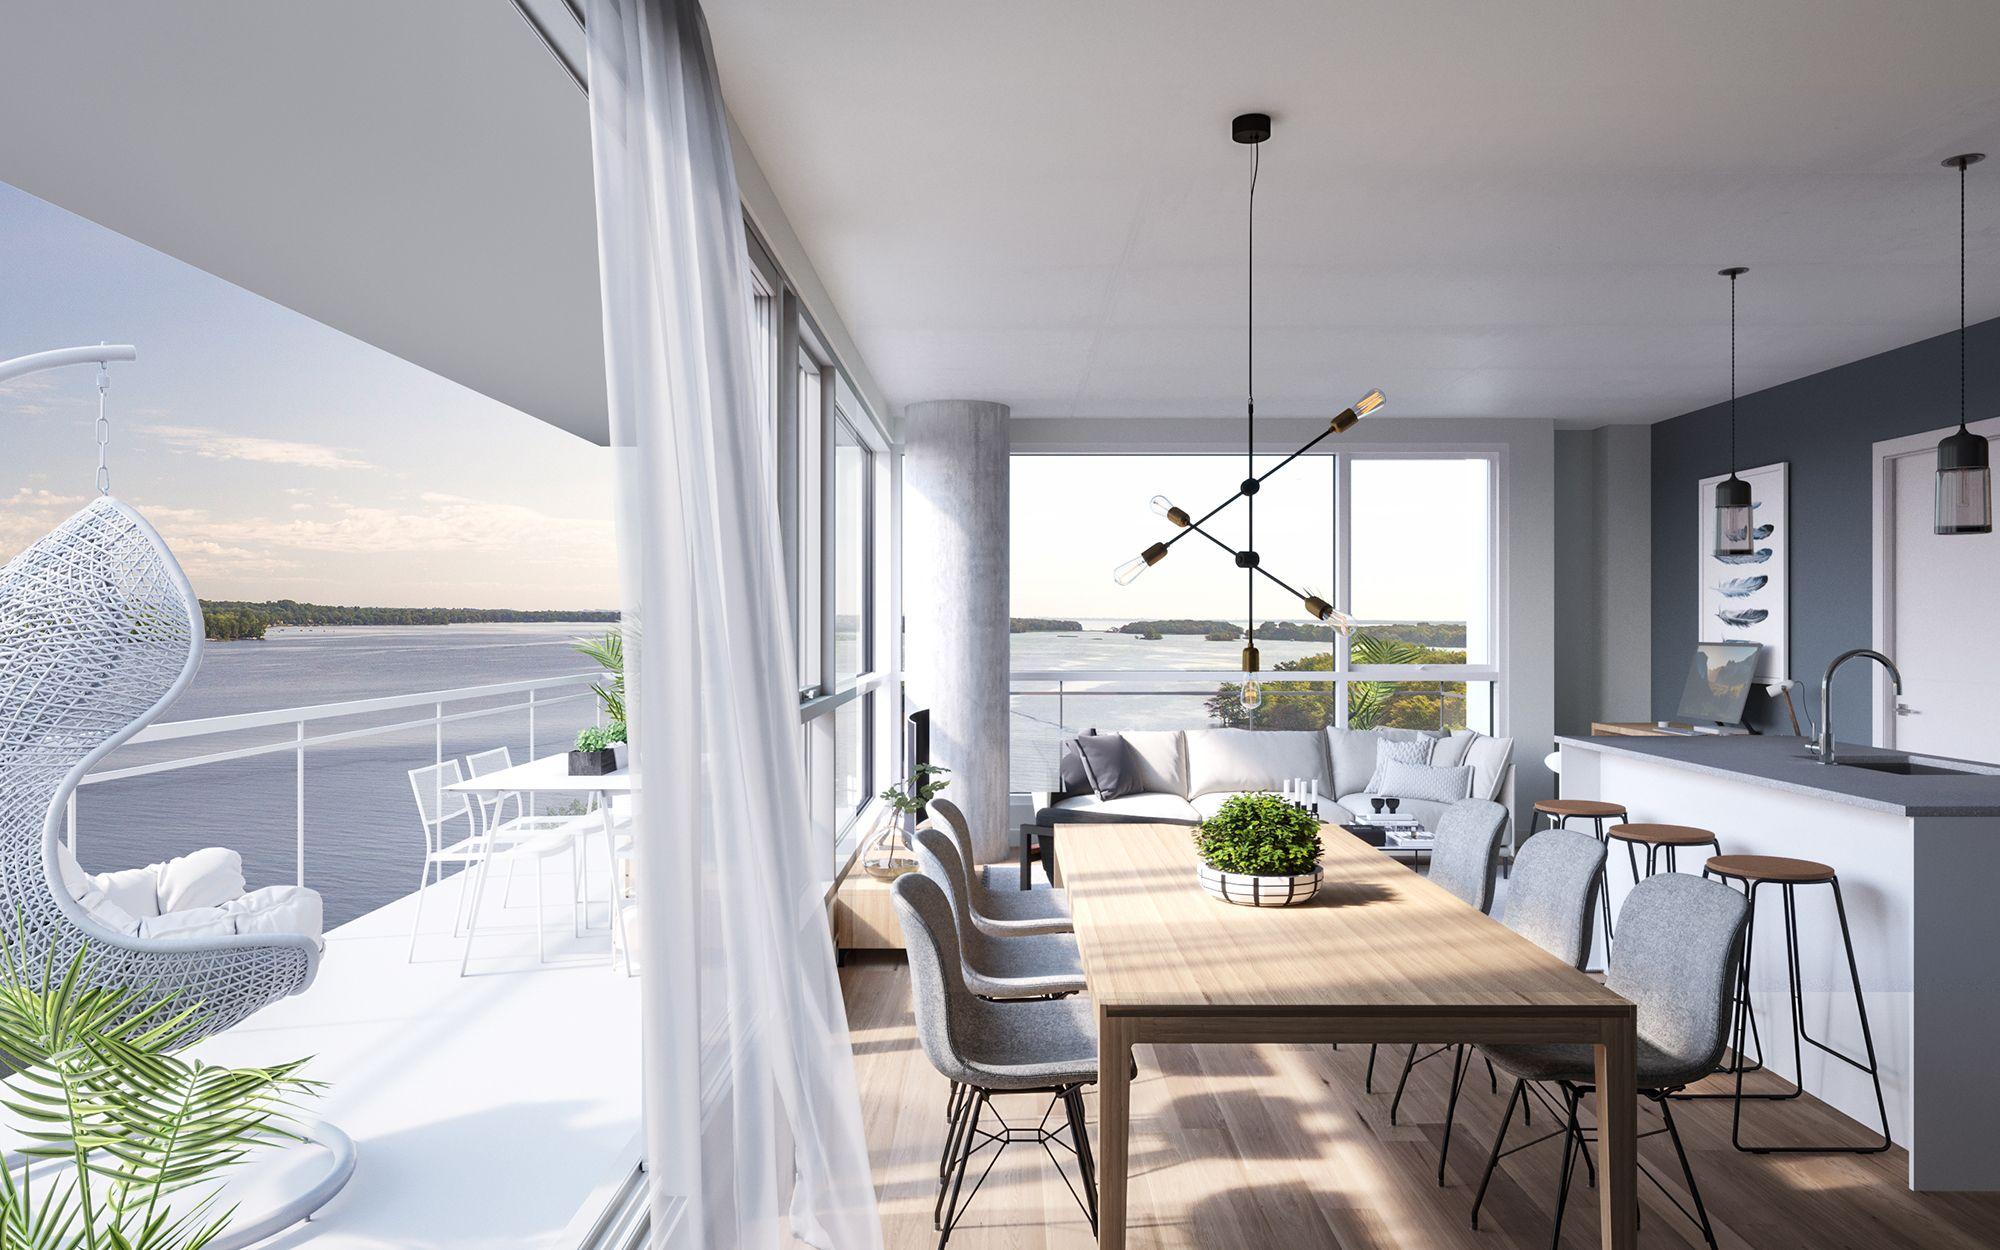 luxeo phase 2 projet de condo balcon salle a diner.jpg